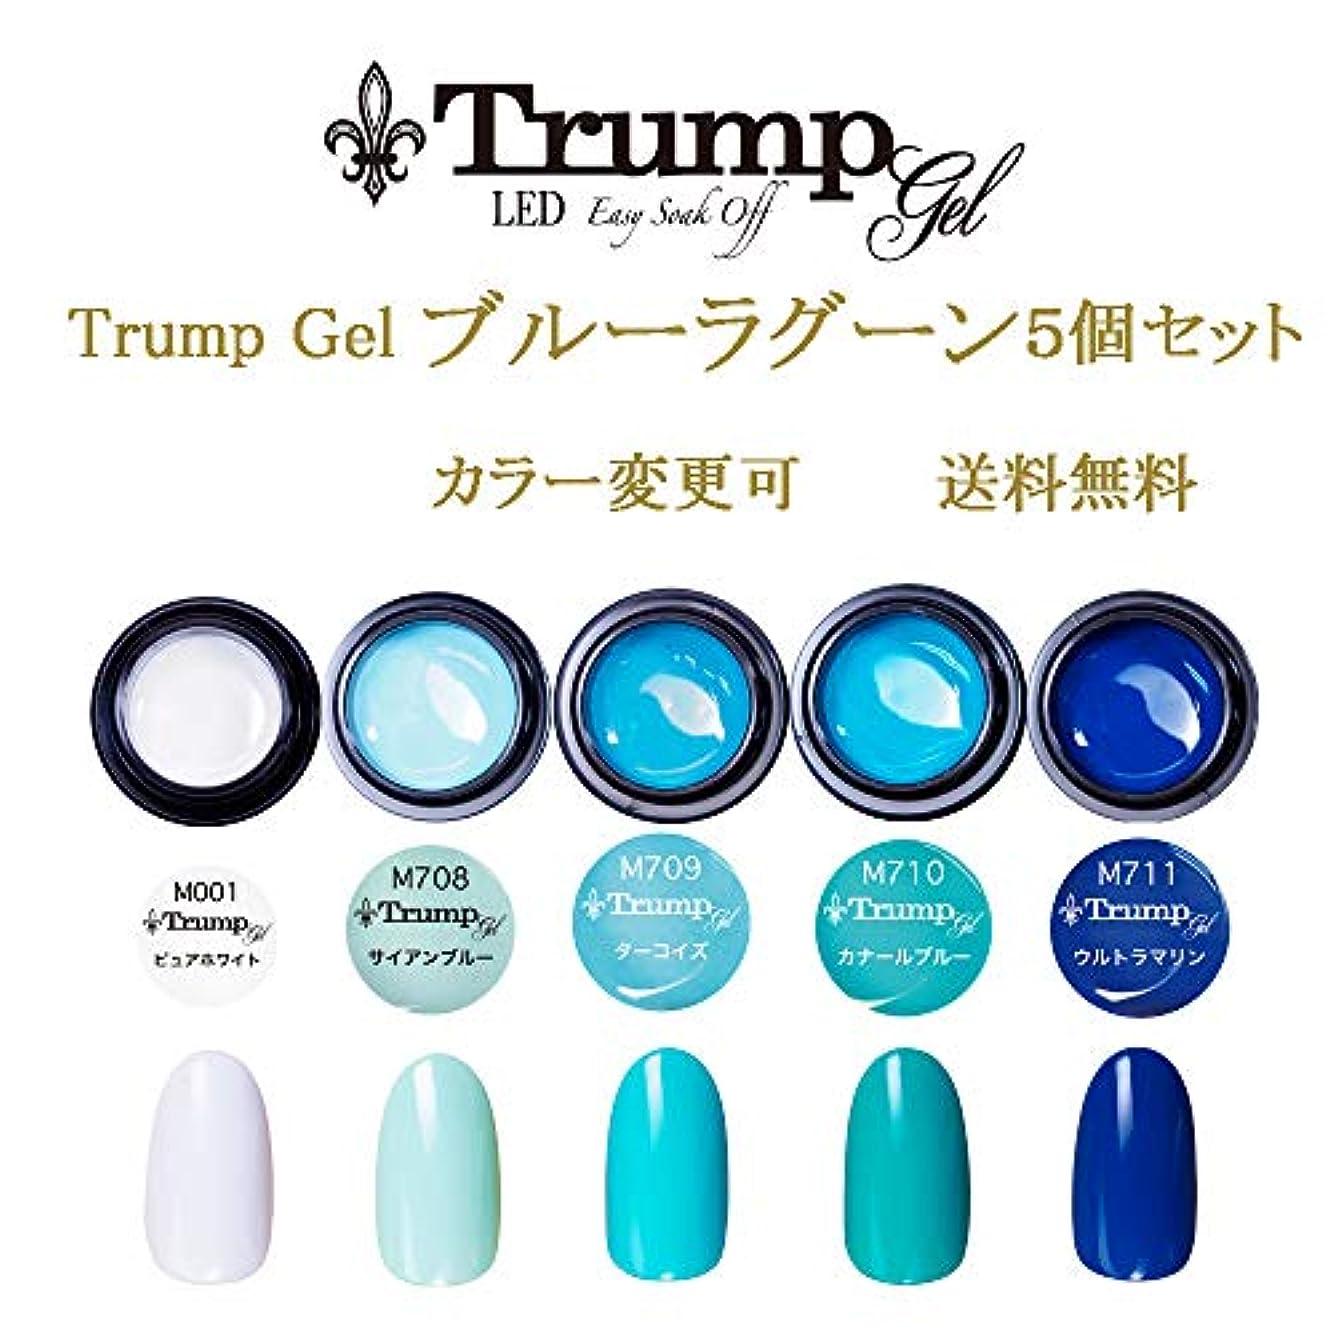 アシュリータファーマン型のれん日本製 Trump gel トランプジェル ブルーラグーン カラー 選べる カラージェル 5個セット ブルー ターコイズ ホワイト